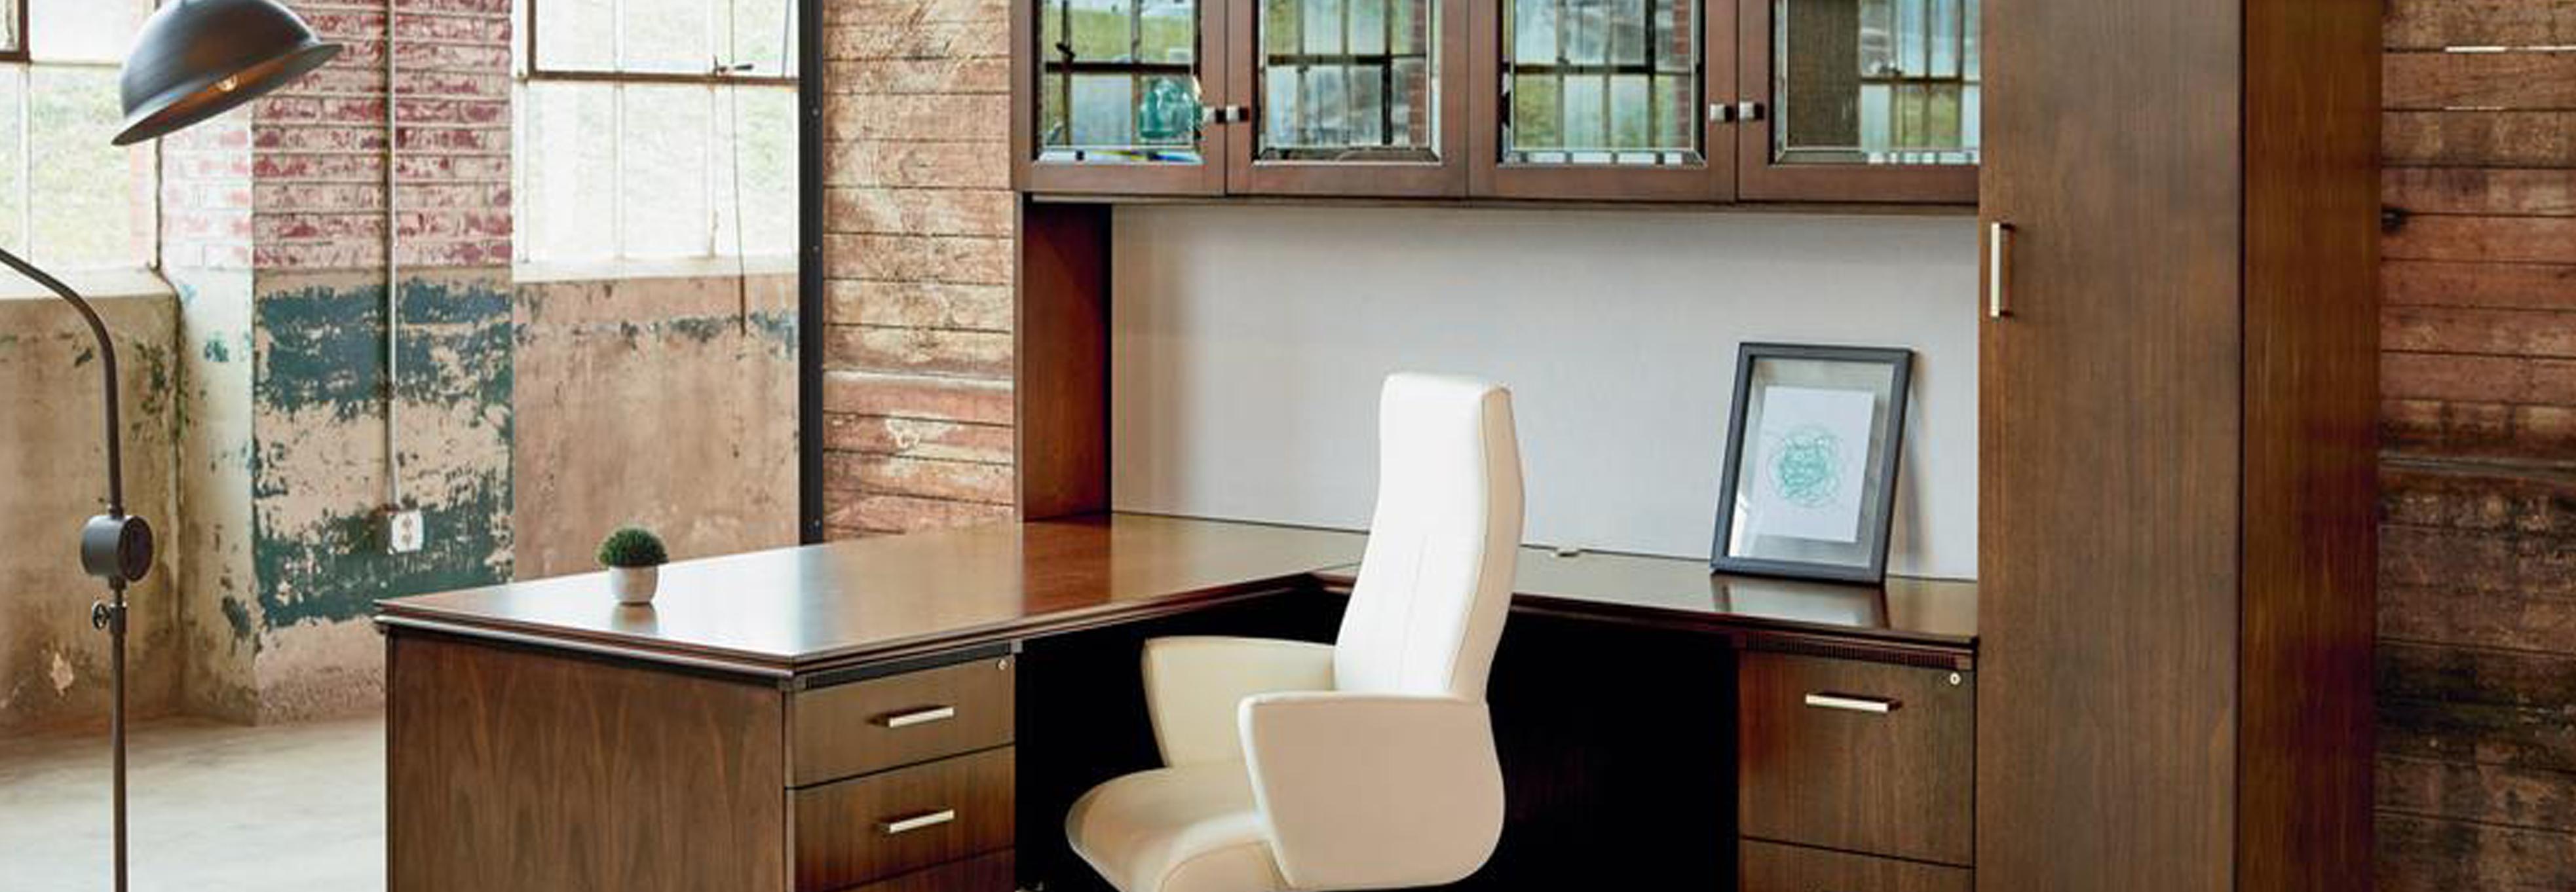 private office furniture austin